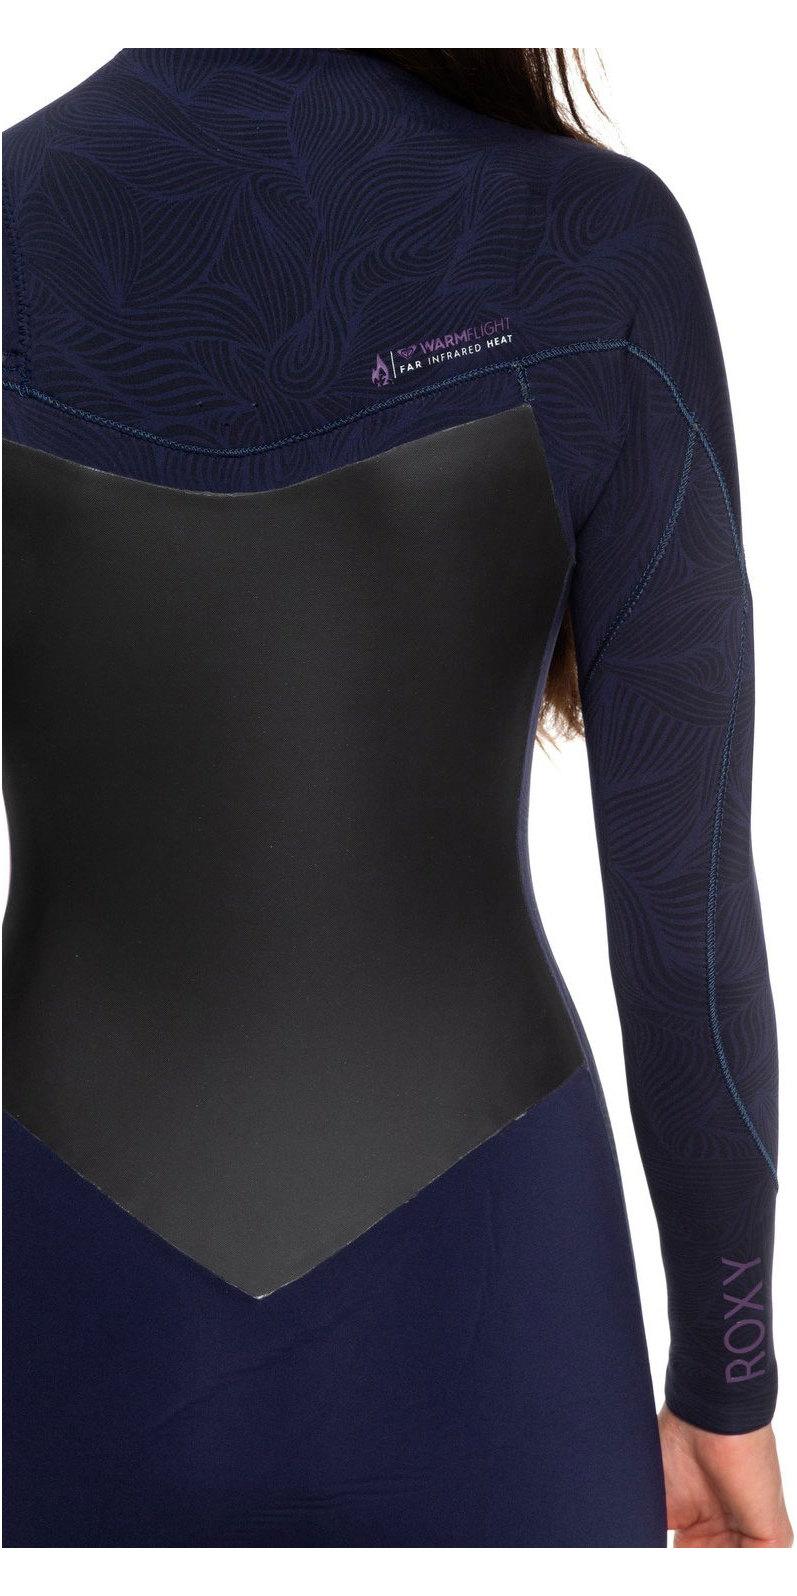 2019 Roxy Womens Performance 3/2mm Chest Zip Wetsuit Deep Indigo / Dark Violet ERJW103031